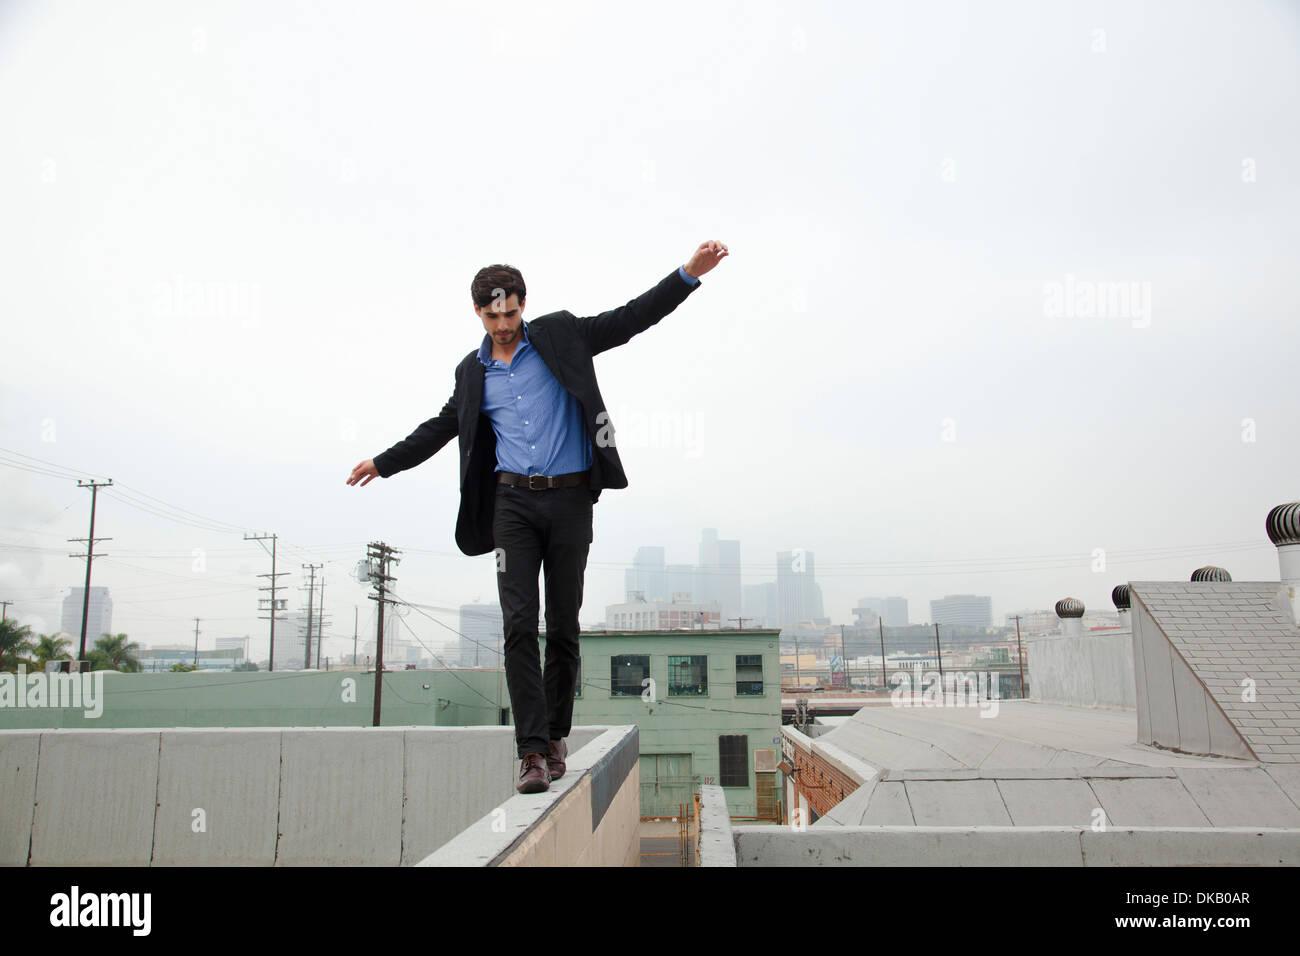 Giovane uomo parete a piedi sul tetto della città Immagini Stock